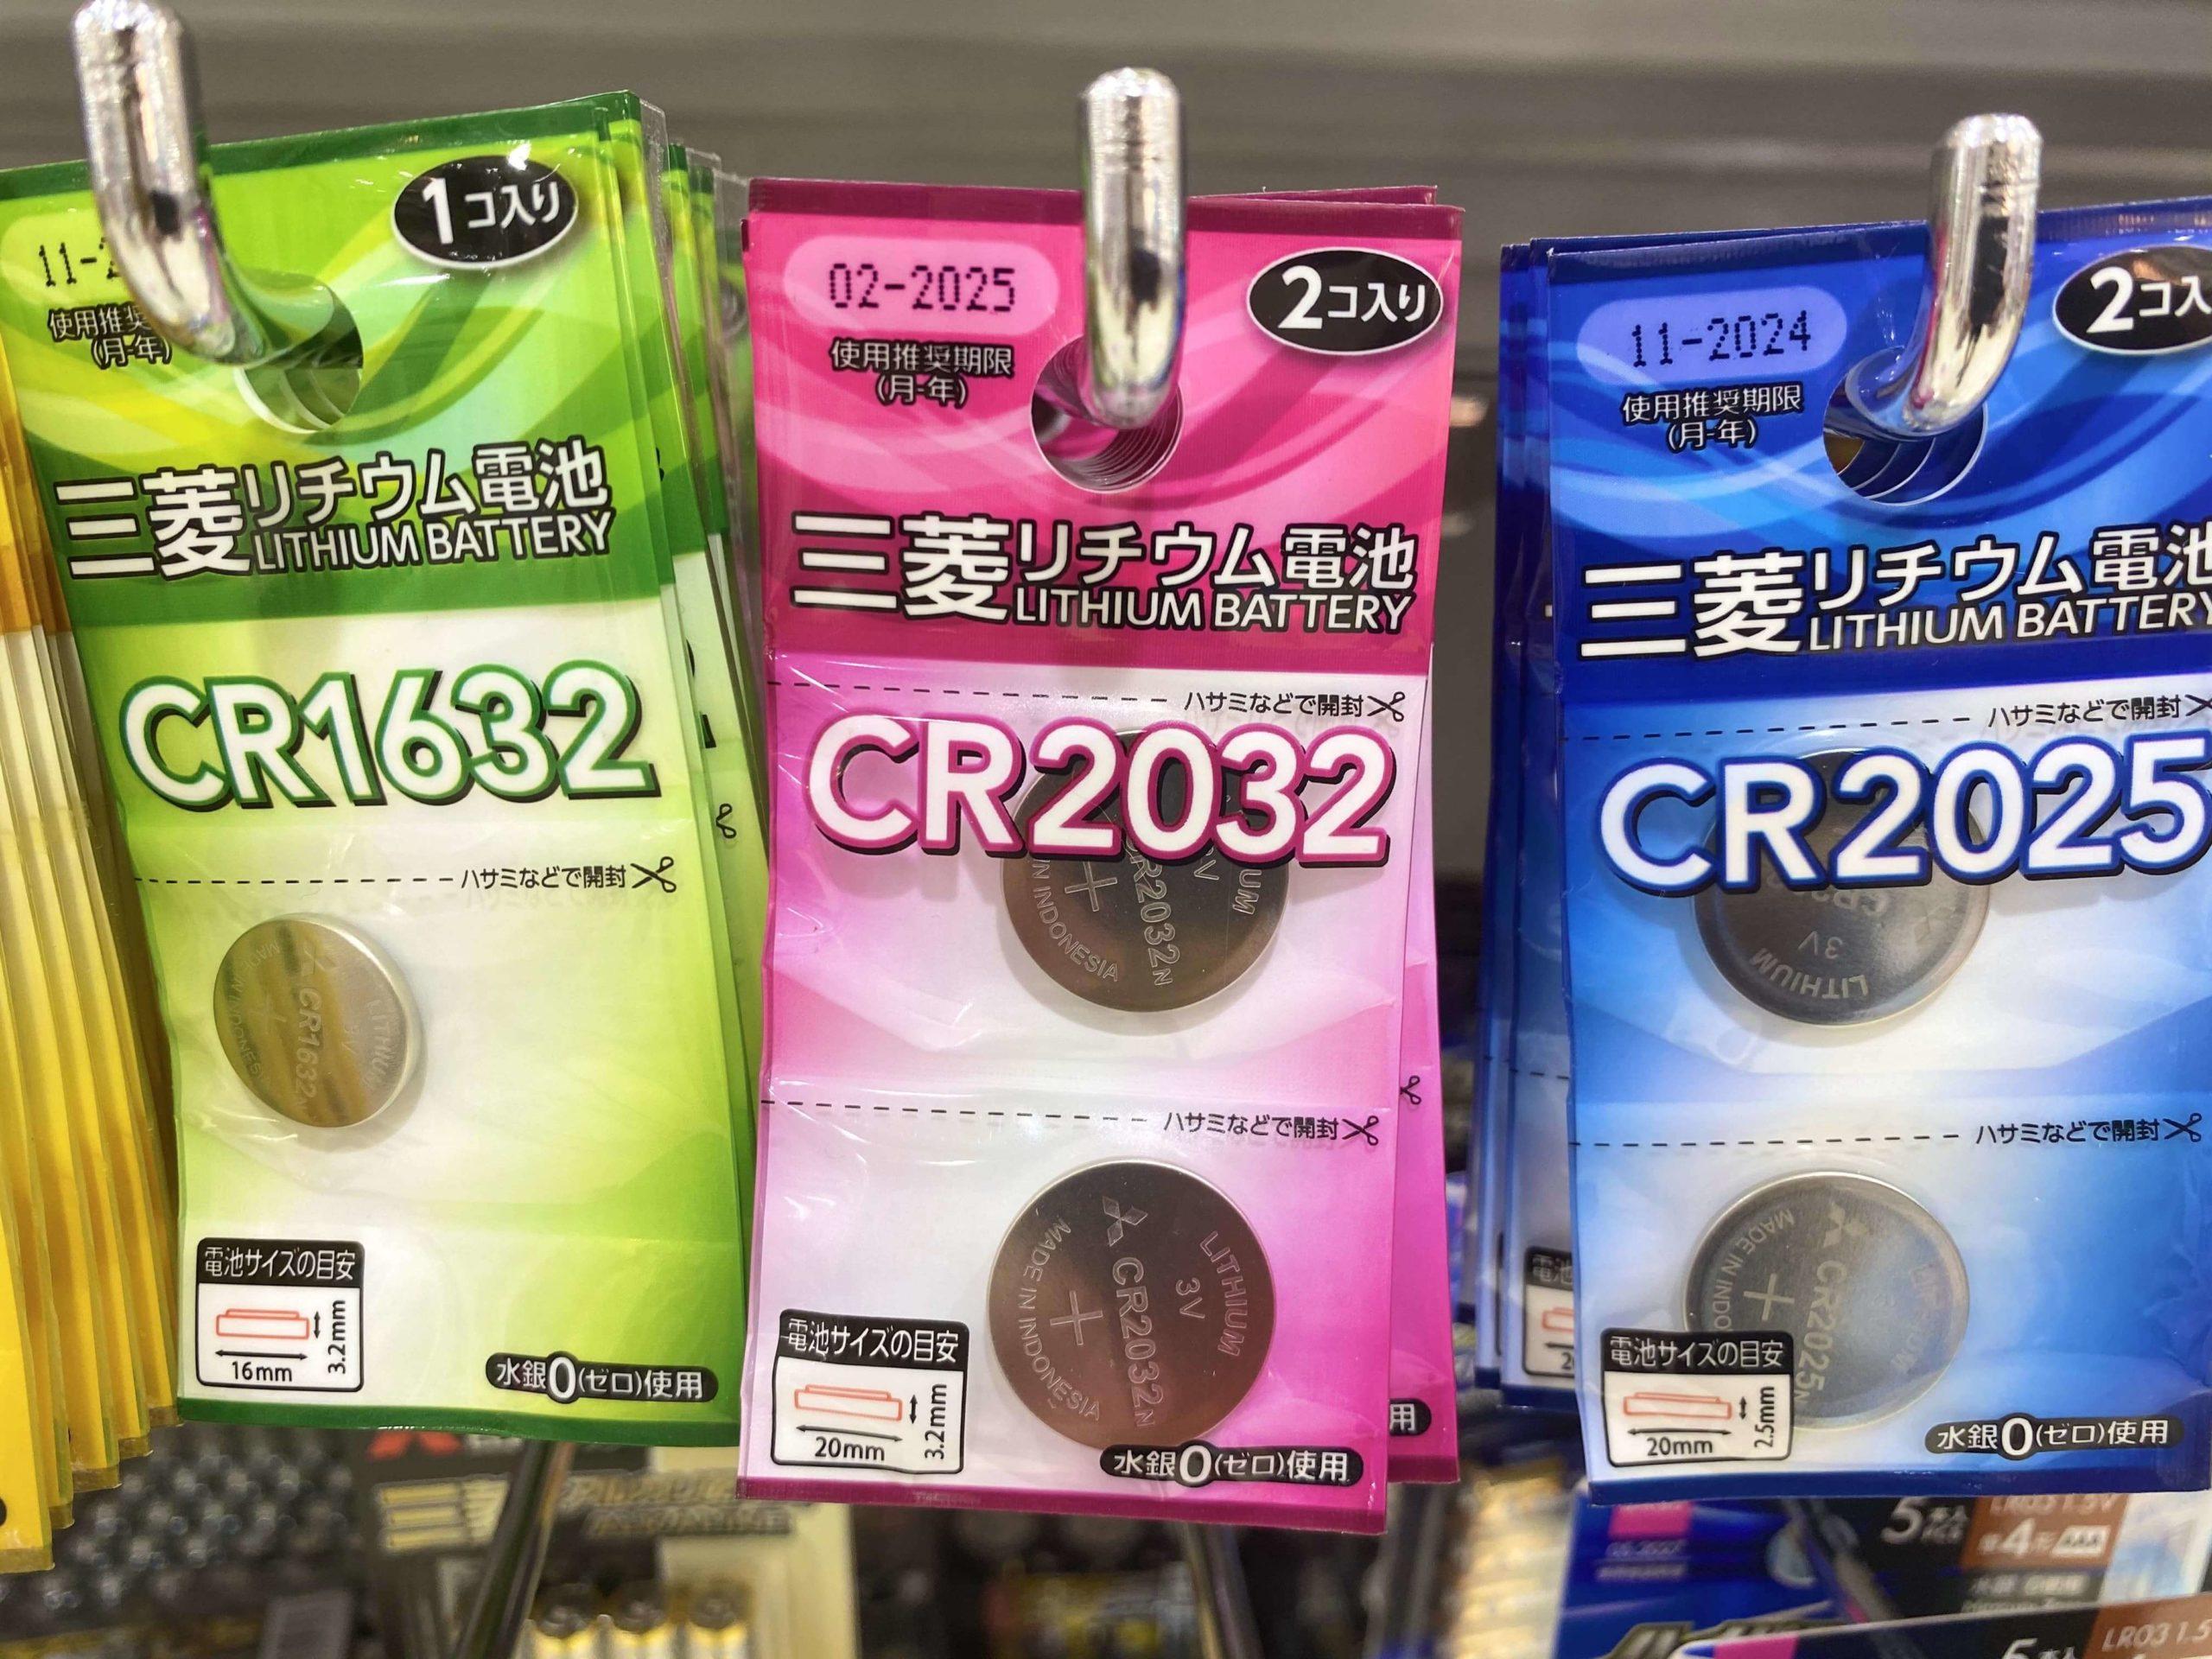 コンビニでなくダイソーのCR2032やCR2016/CR2025